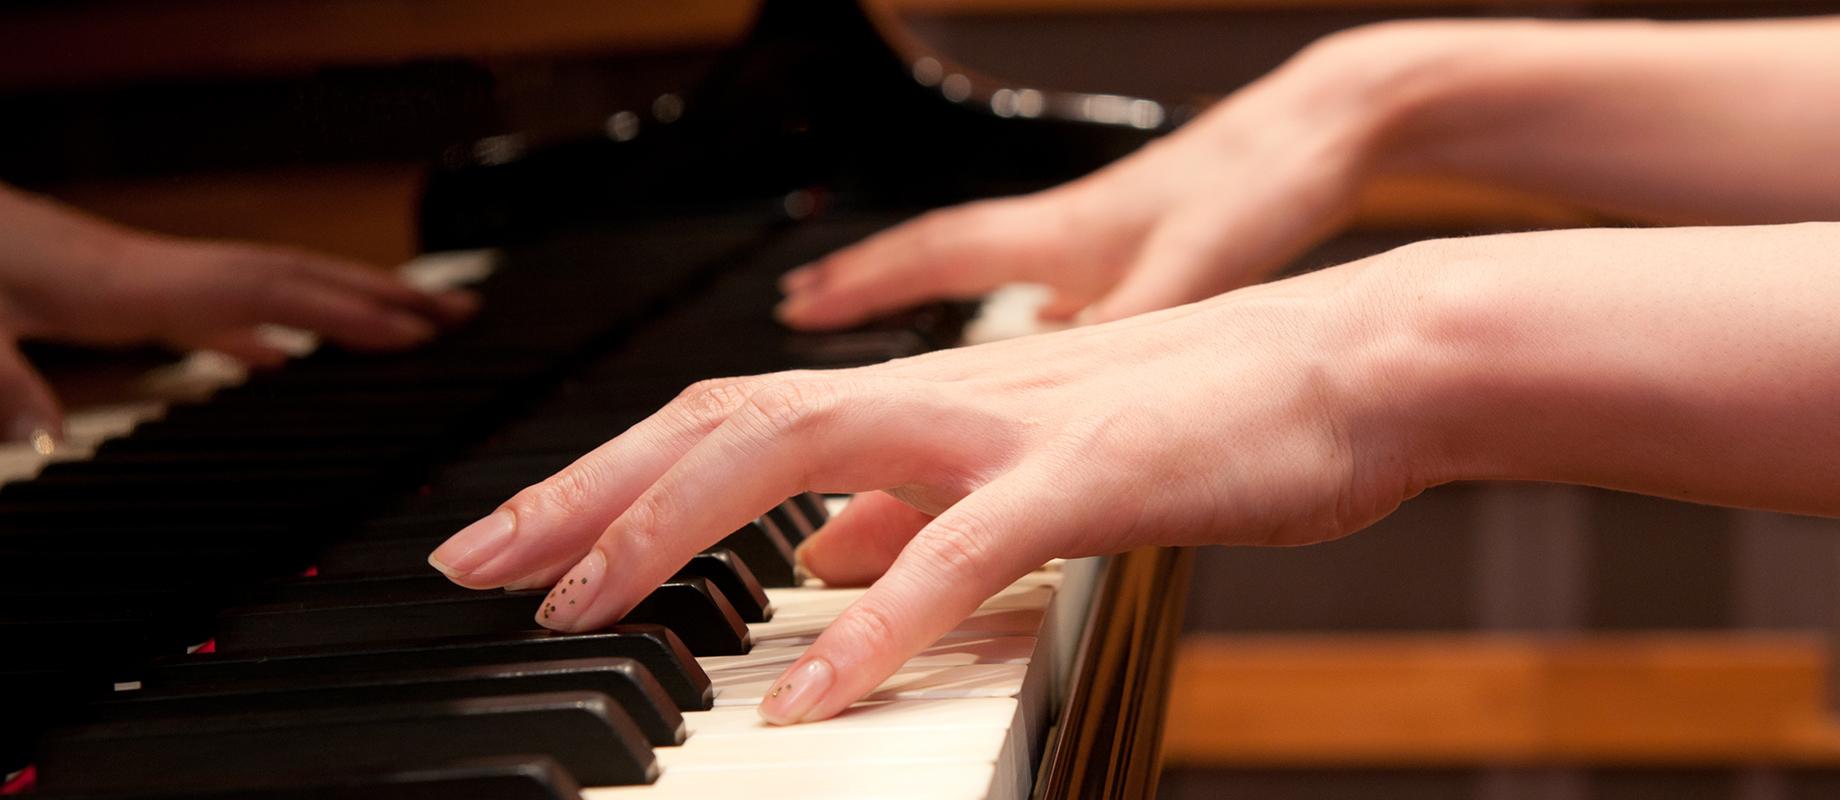 ピアノ科のレッスン画像